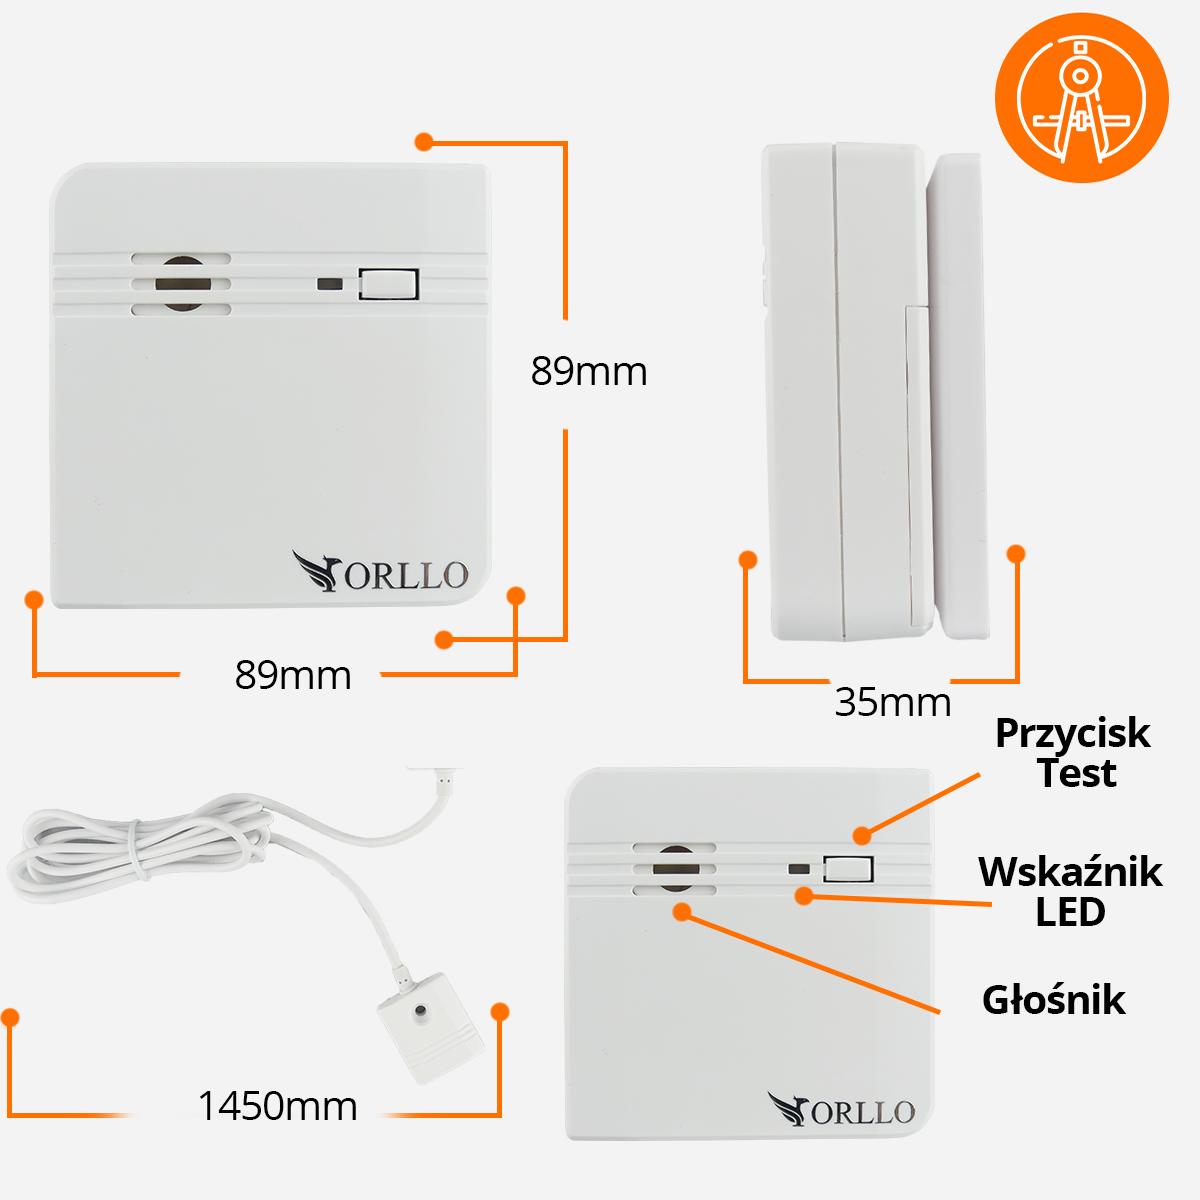 Centrala-alarmowa-kamera-specyfikacja-orllo-pl